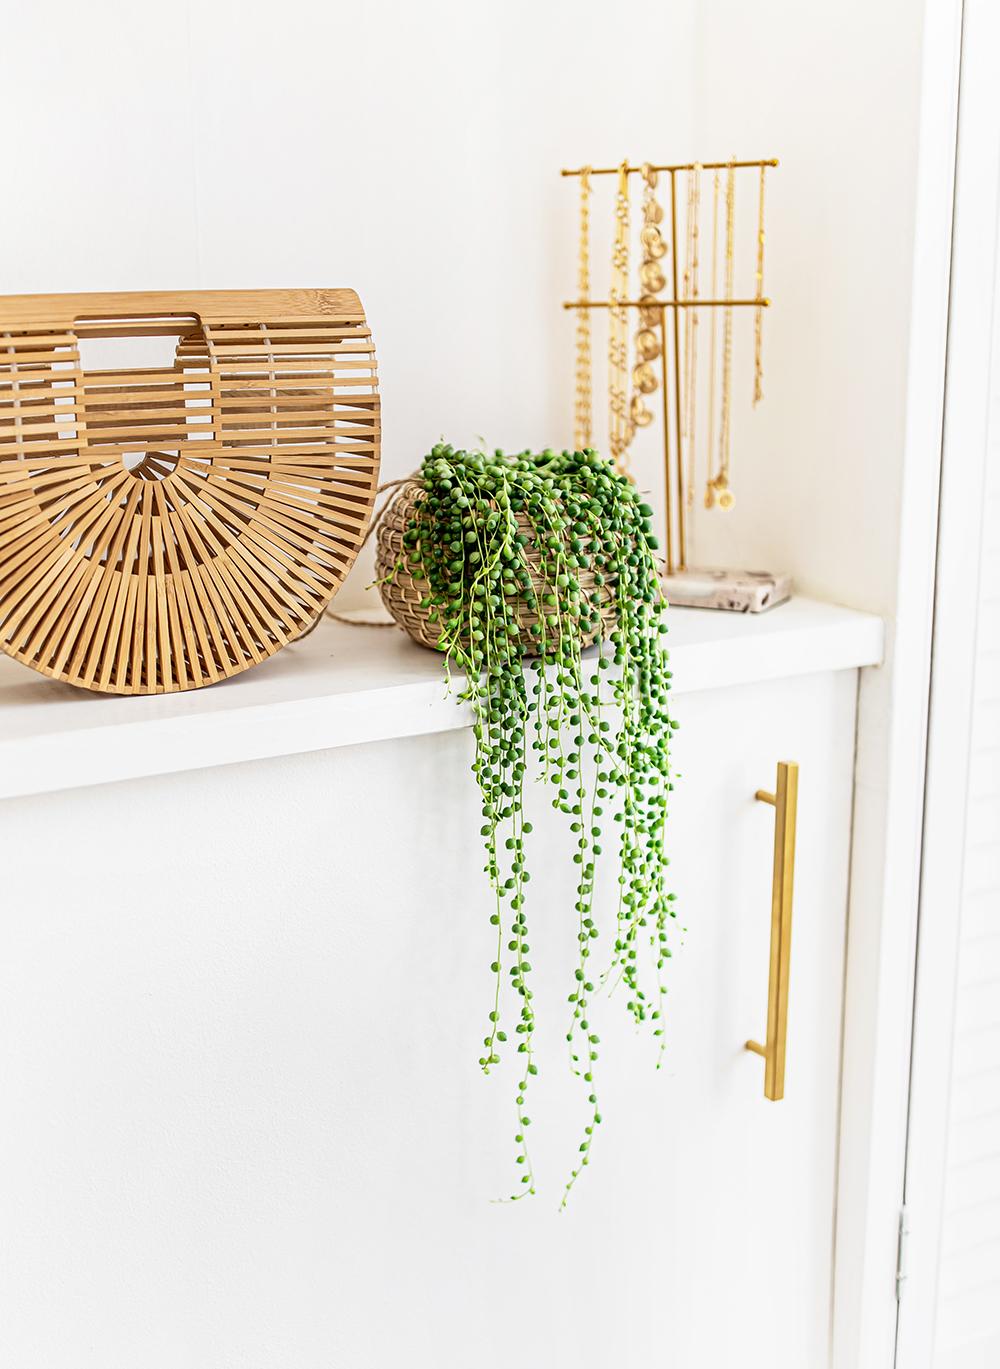 String-of-Pearls-Senecio-rowleyanus--kelseyinlondon-homewithkelsey-plant-guide-best-indoor-plants